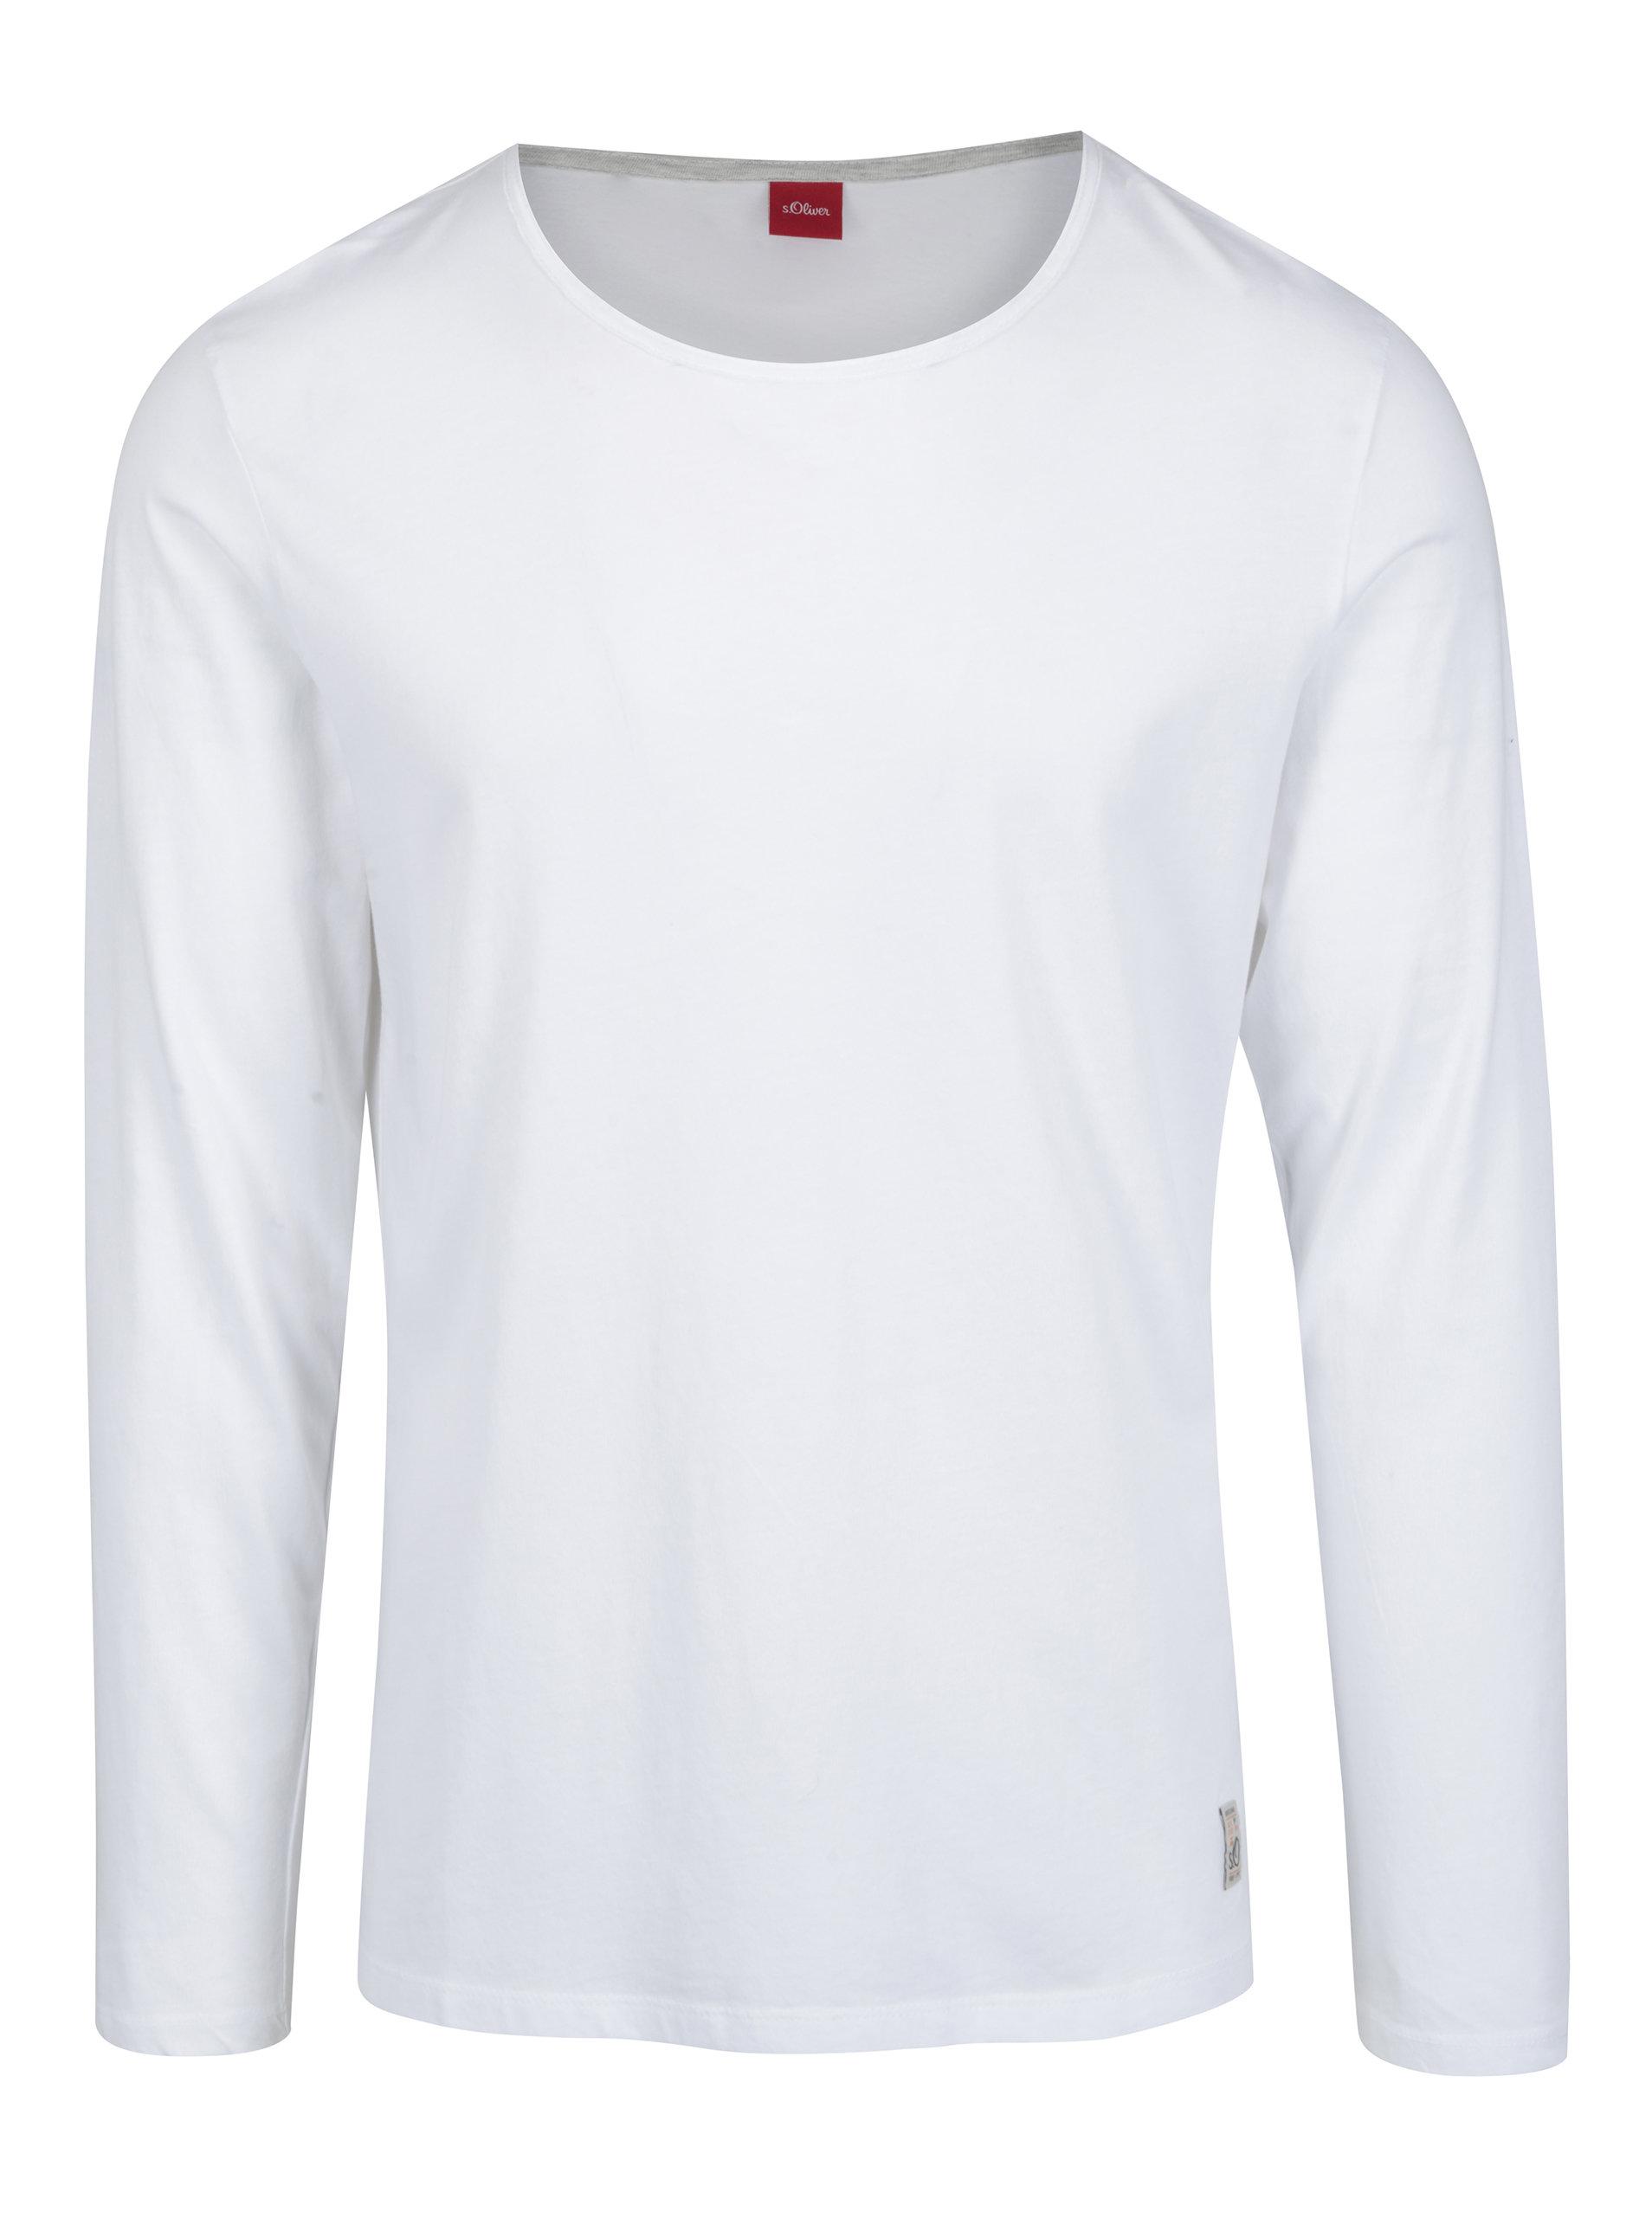 63599fcd30 Bílé pánské slim fit tričko s dlouhým rukávem s.Oliver ...